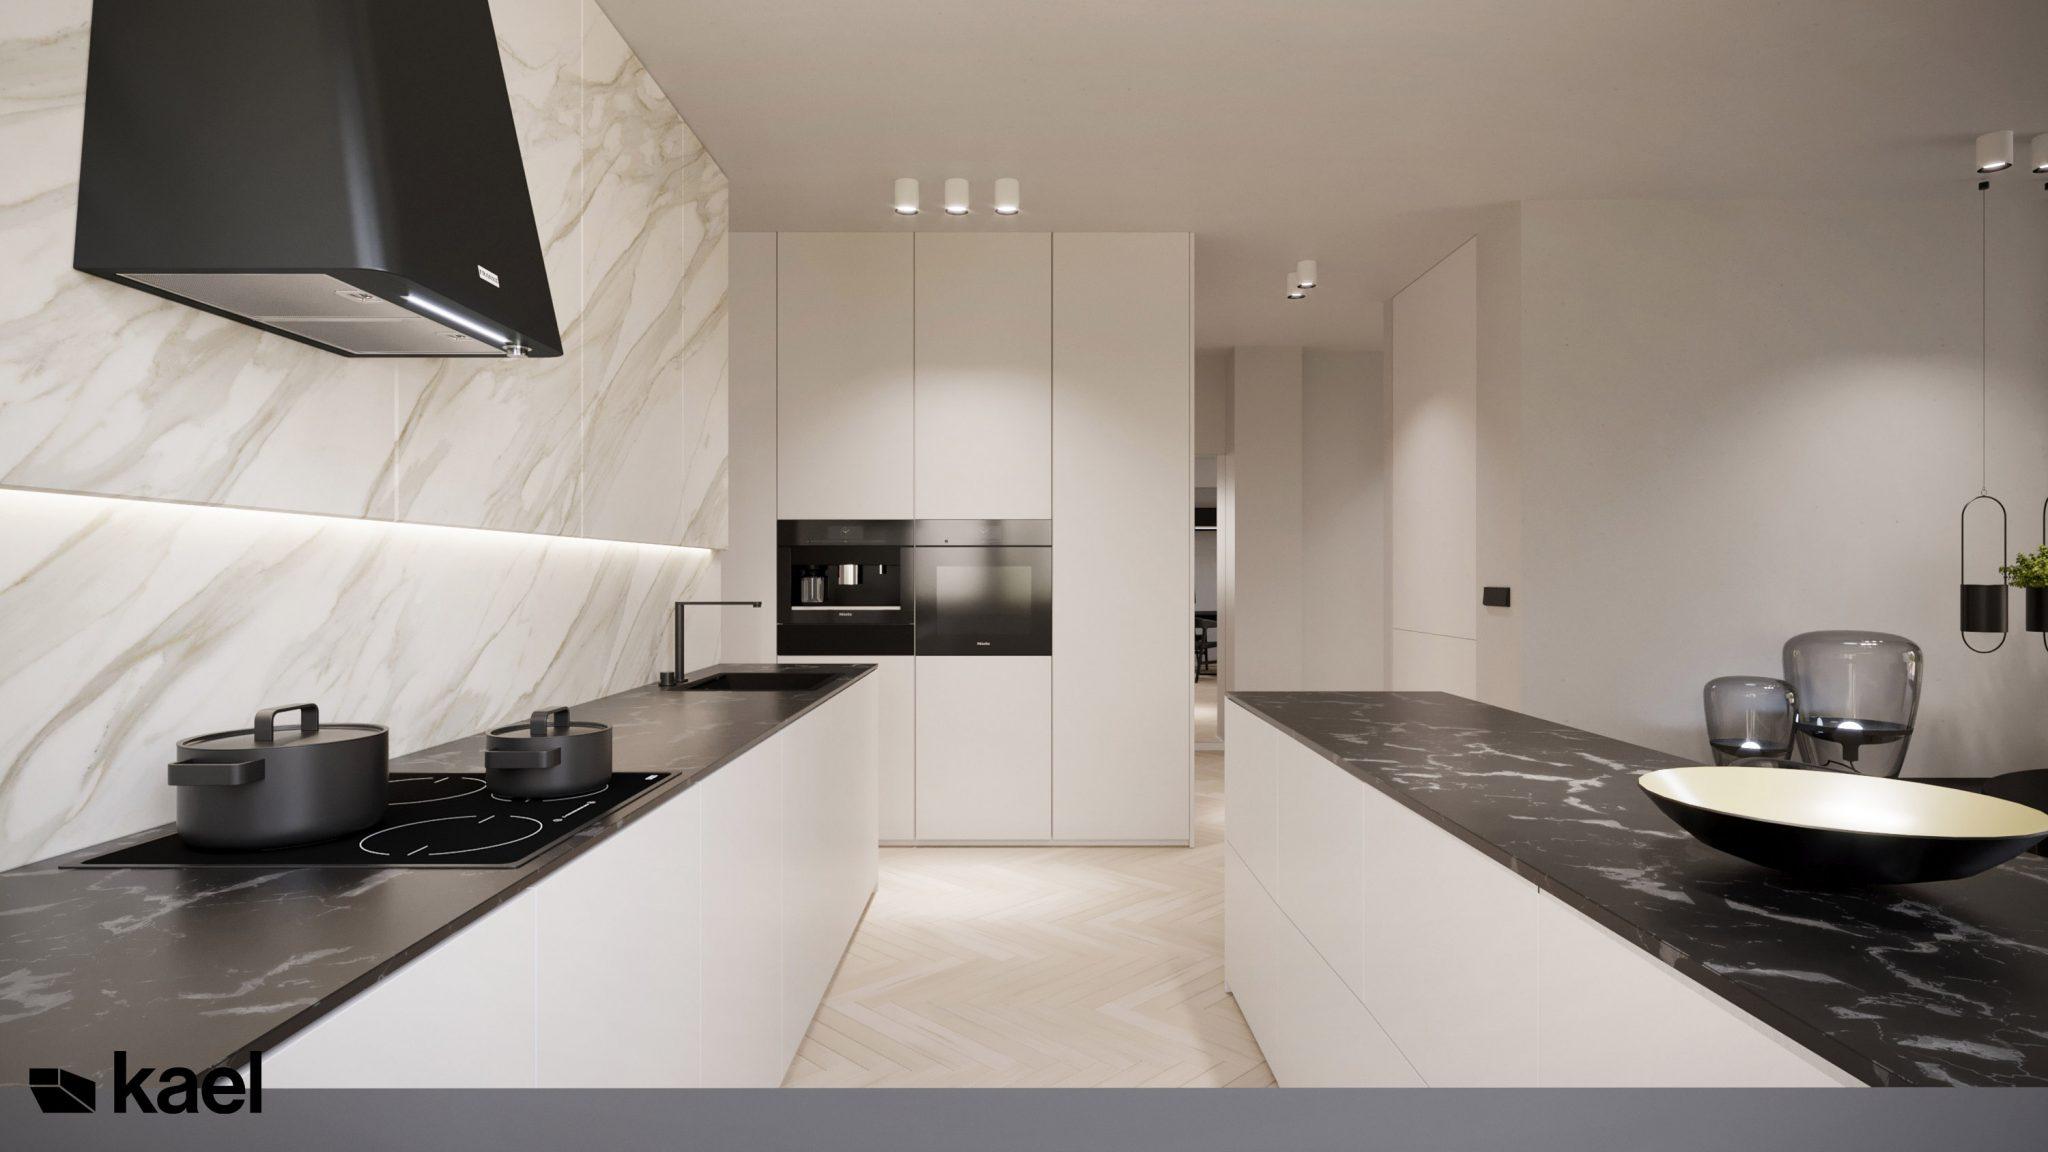 Kuchnia - Figiel - projekt mieszkania - Kael - architekt Warszawa